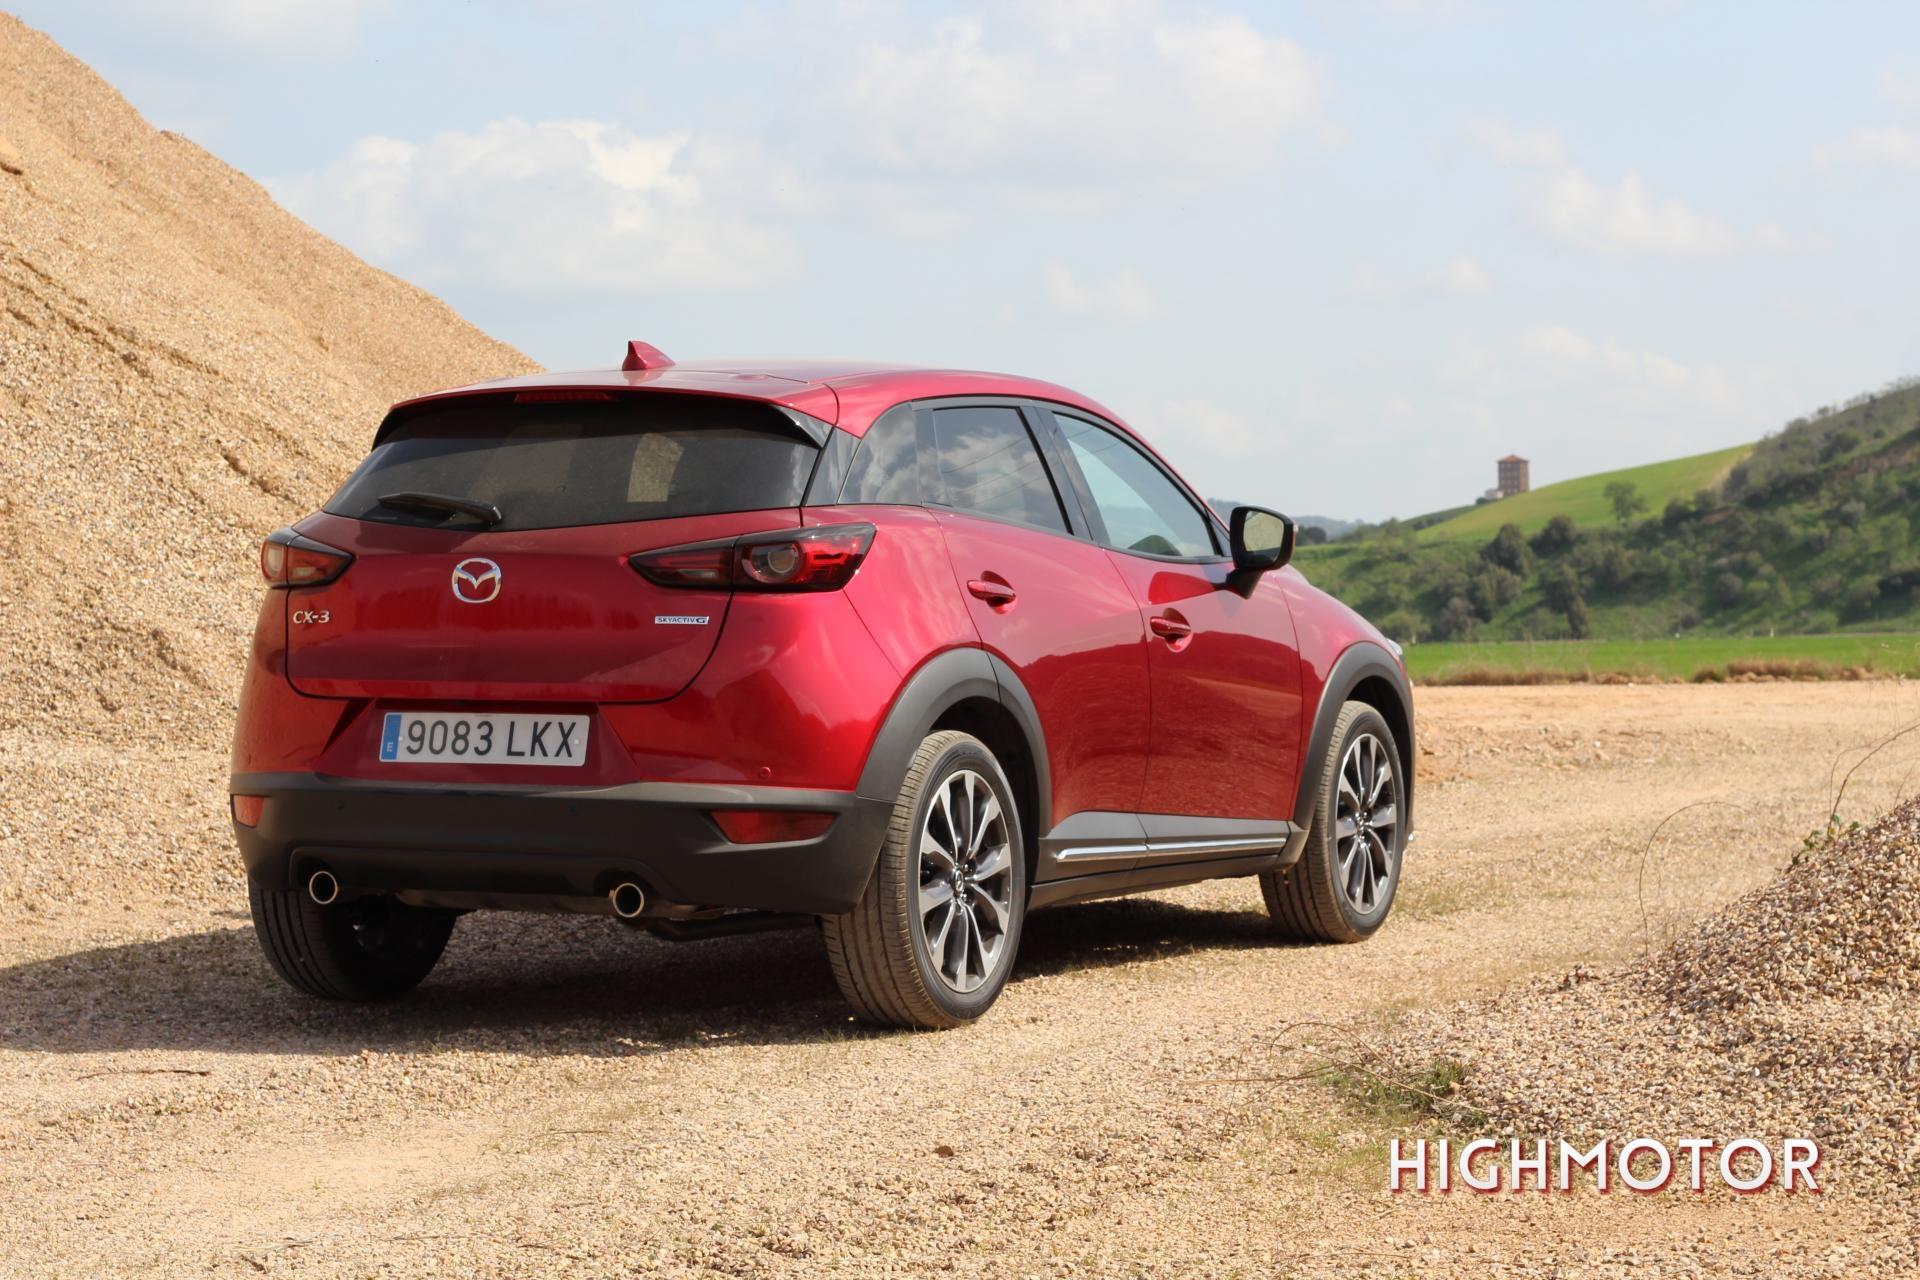 Prueba Mazda Cx3 (14)